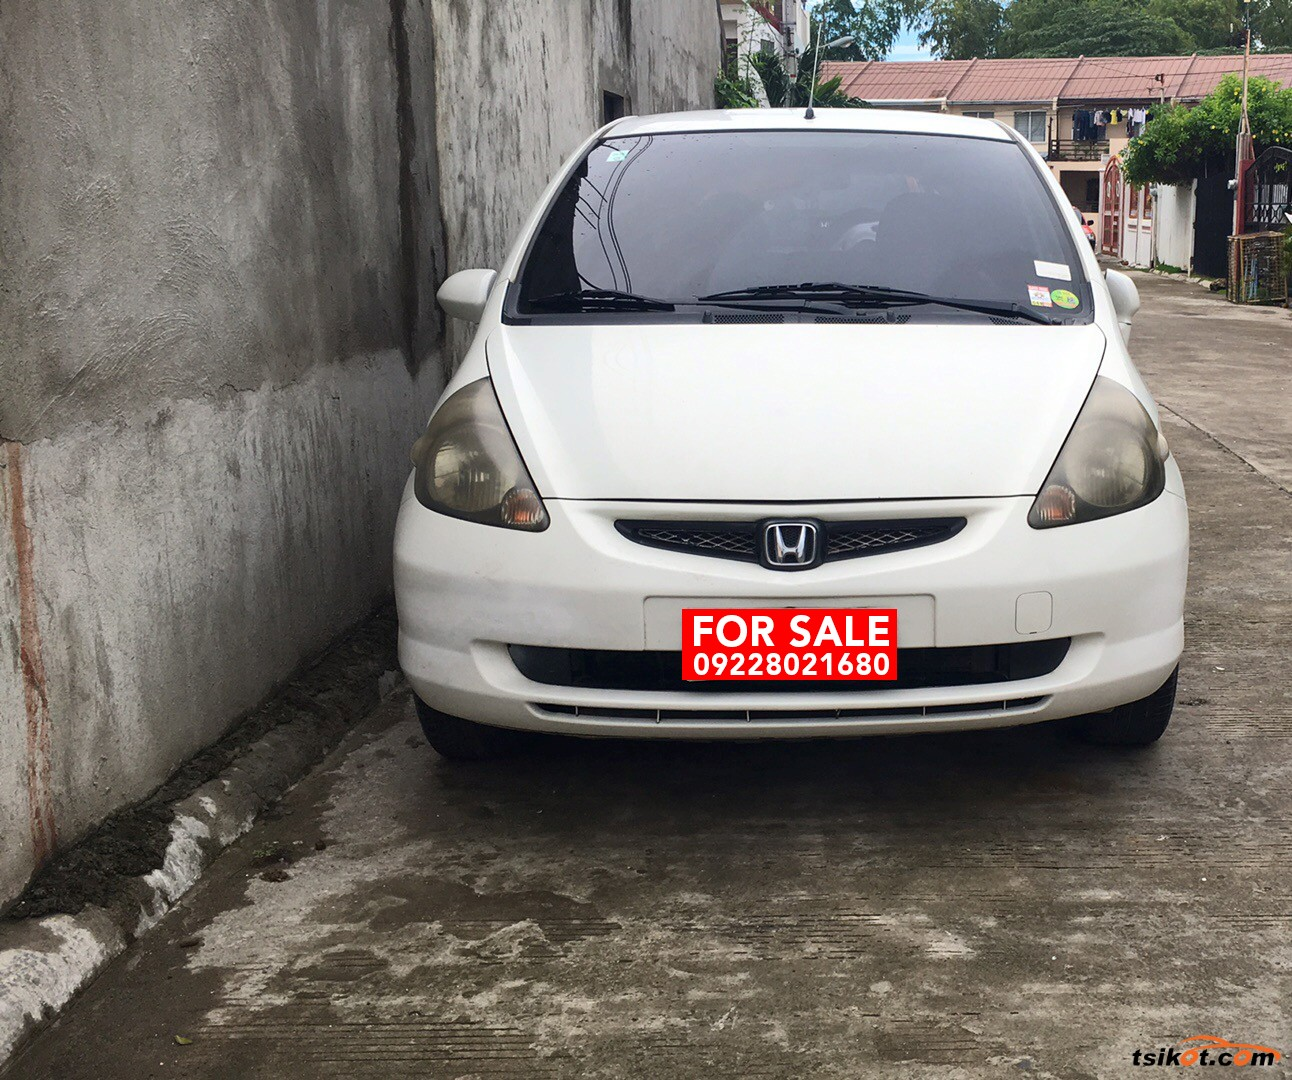 Car For Sale Central Visayas